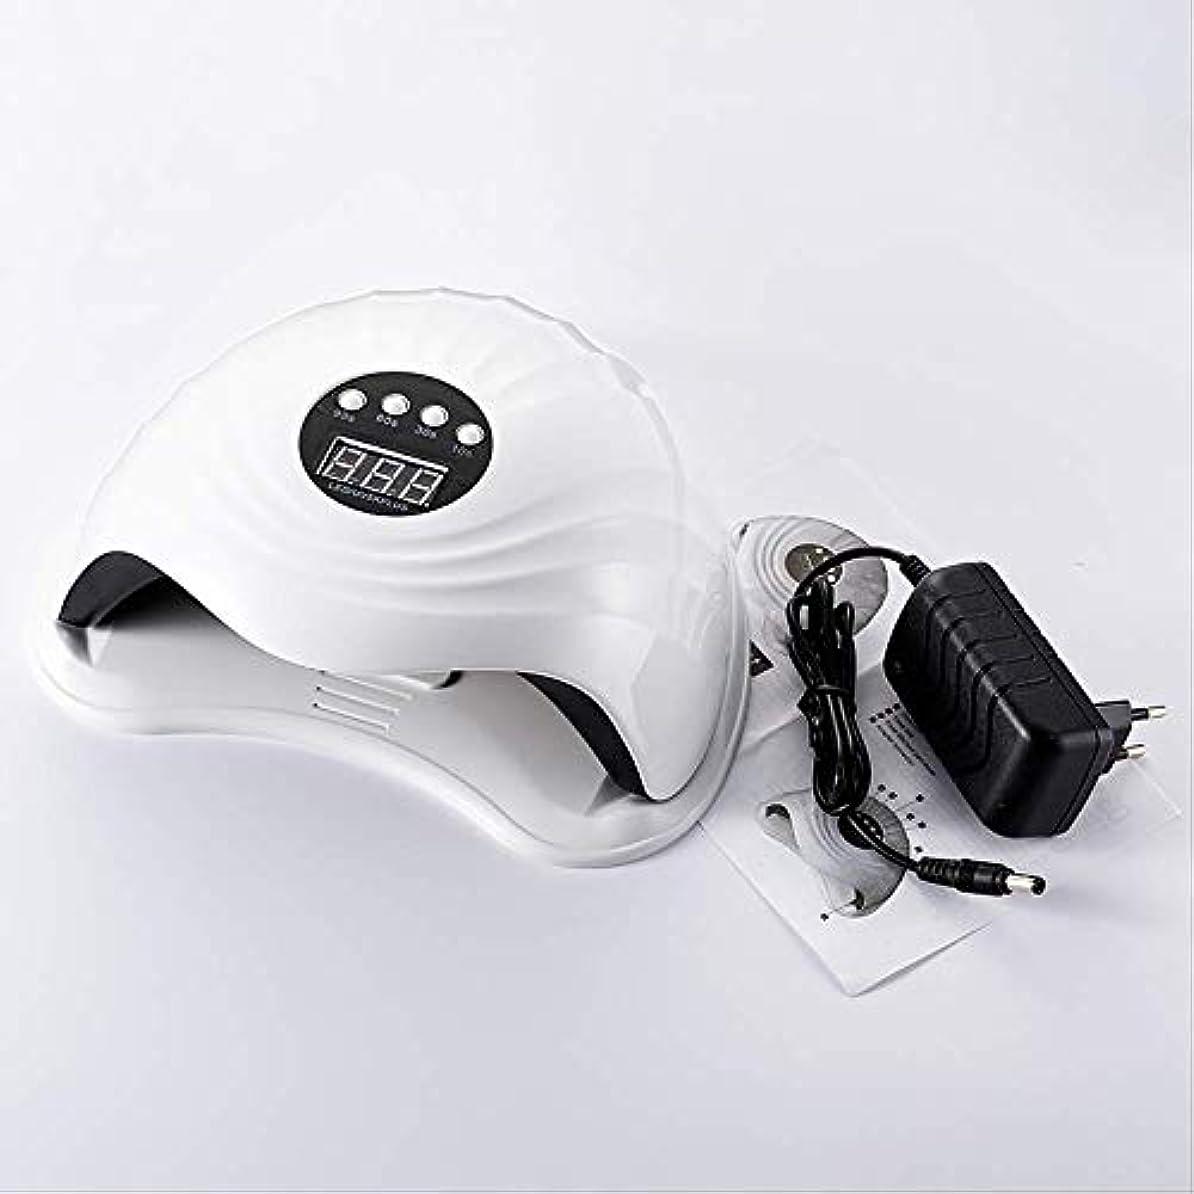 乳代理店レビュアーRRSHUN 108w 36pcs Ledネイルランプ用ネイルドライヤーUVランプネイルマシンツール用硬化ゲルポーランド語ライトセンサータイマー付き